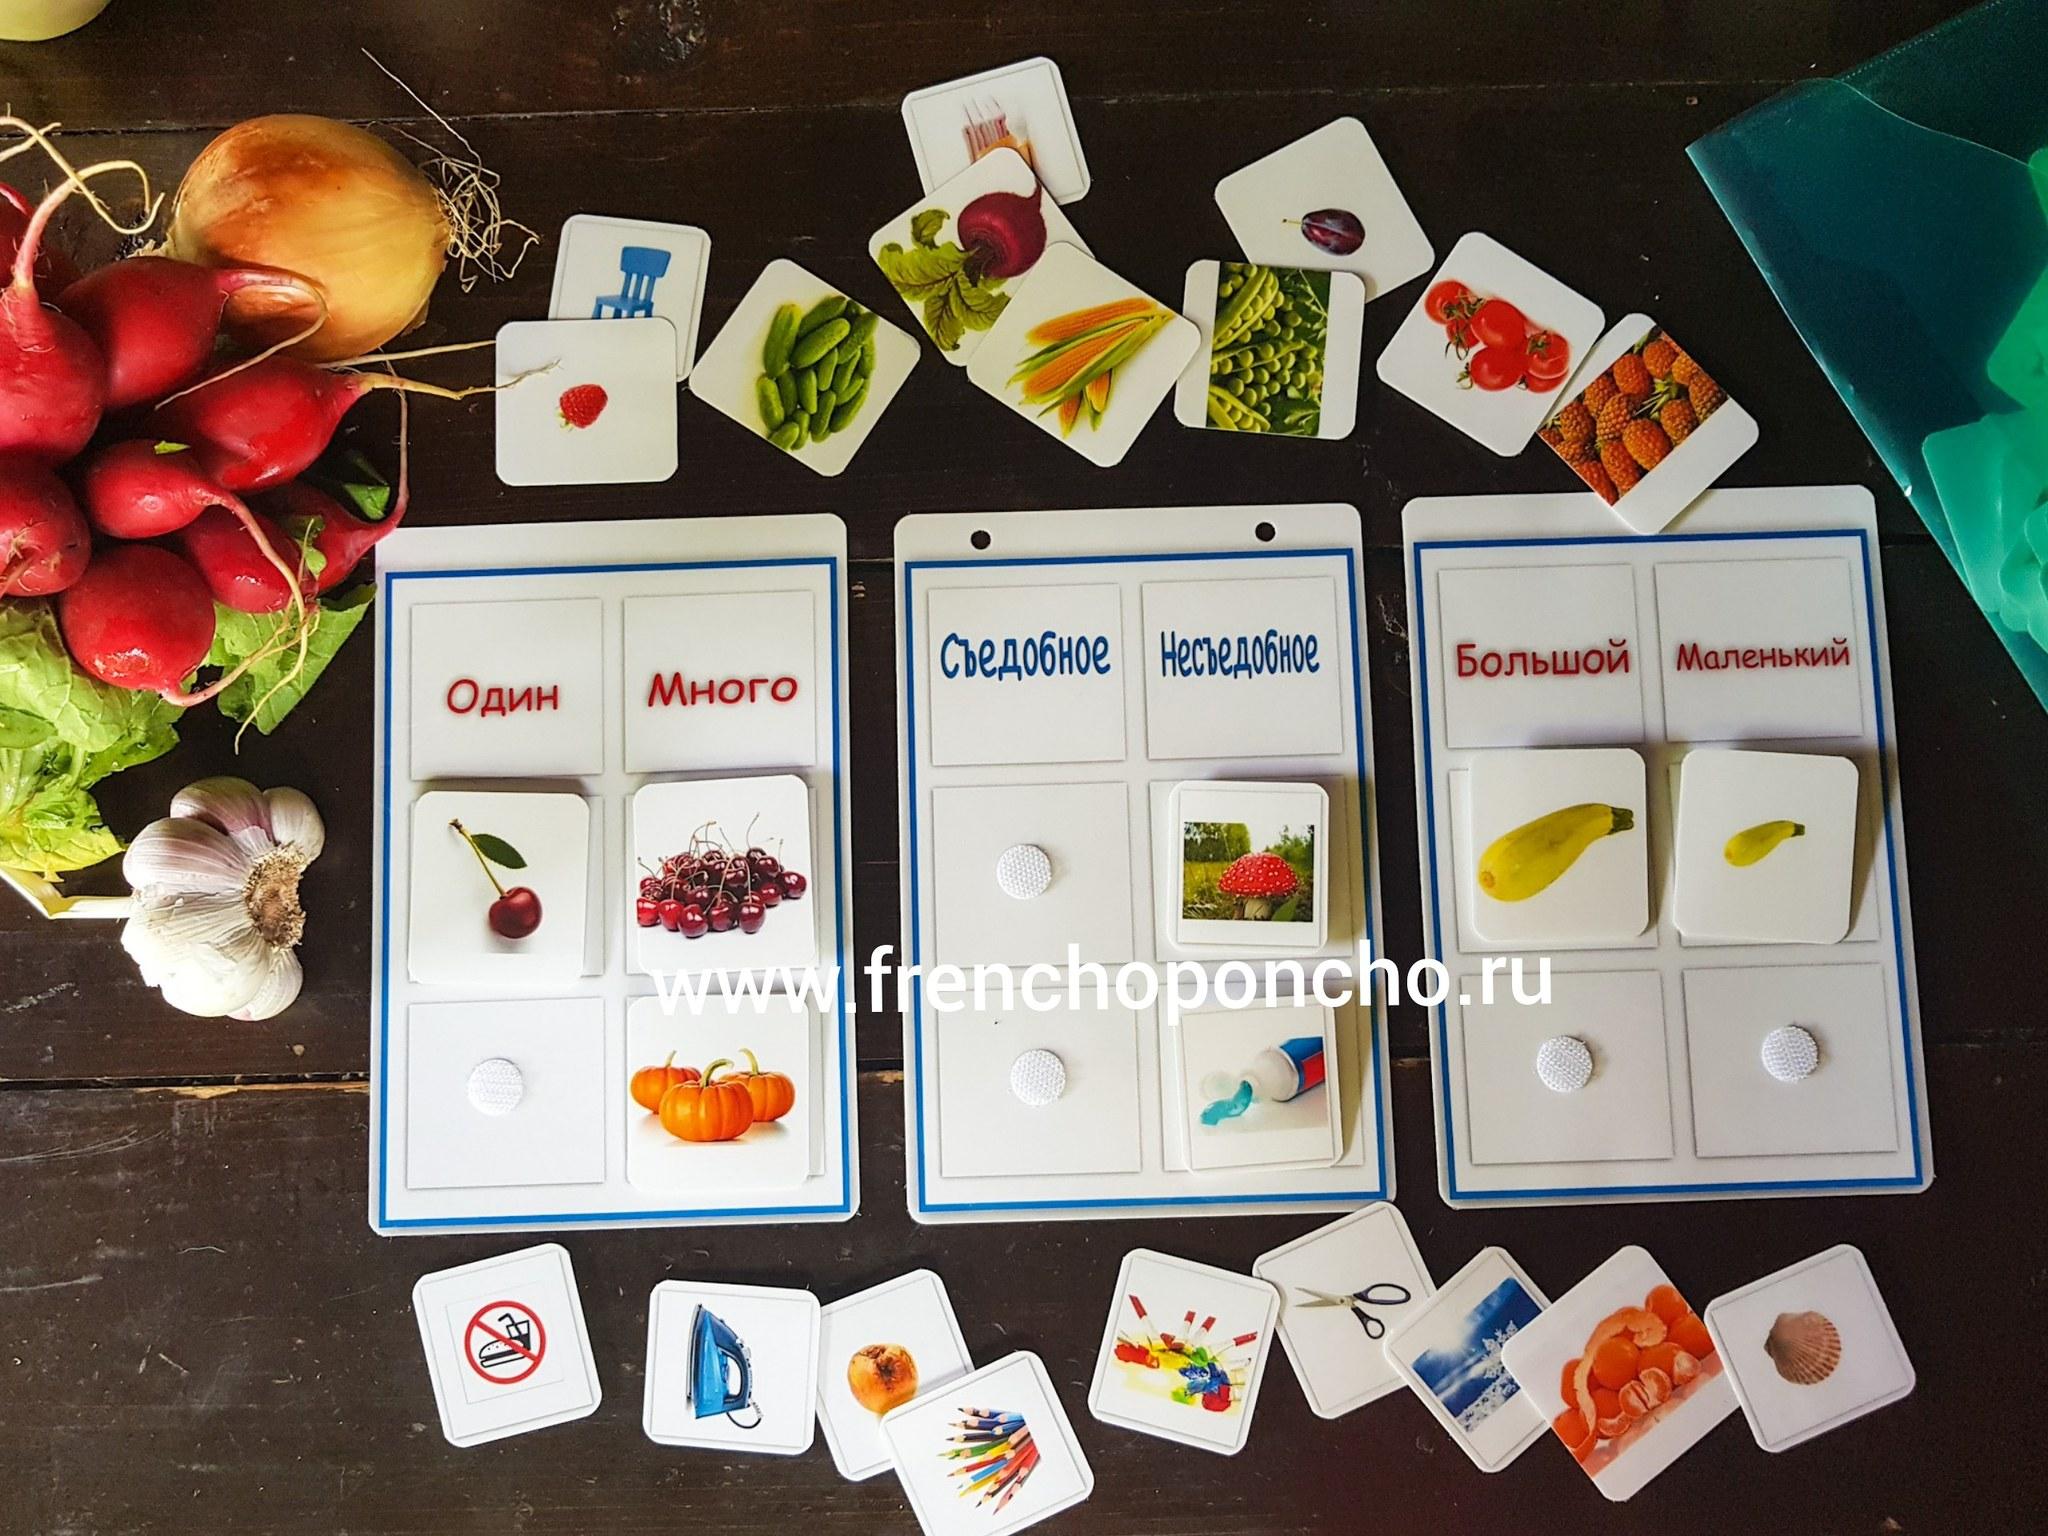 Фрукты и овощи: съедобное-несъедобное, один-много, большой-маленький. Развивающие пособия на липучках Frenchoponcho (Френчопончо)